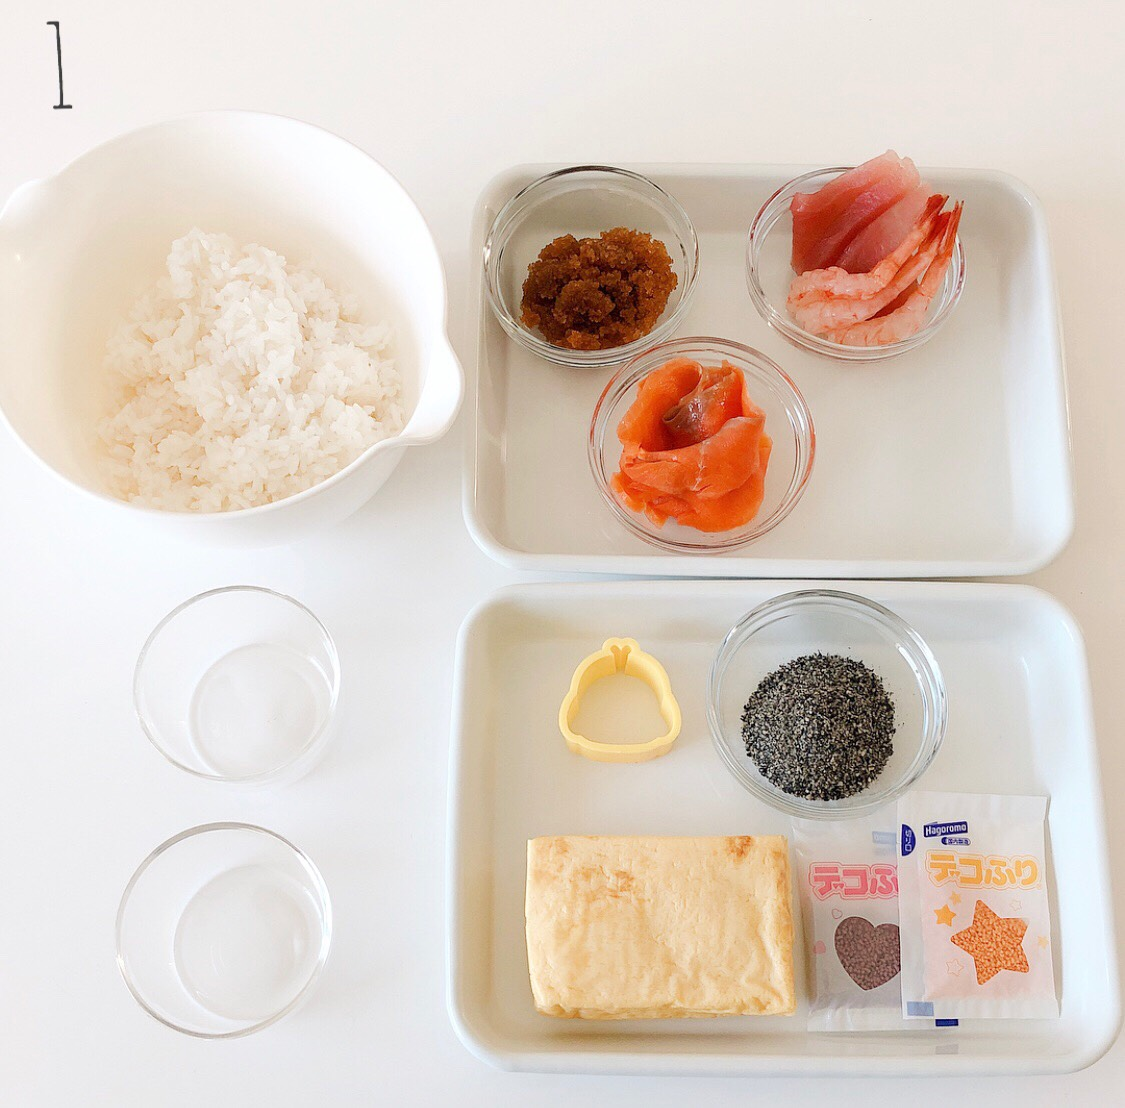 kaori-%e3%82%ad%e3%83%a3%e3%83%a9%e5%bc%81%e3%80%80%e3%82%ad%e3%83%a3%e3%83%a9%e3%81%93%e3%82%99%e3%81%af%e3%82%93%e3%80%80charaben-japanese-food-sushi_1-2